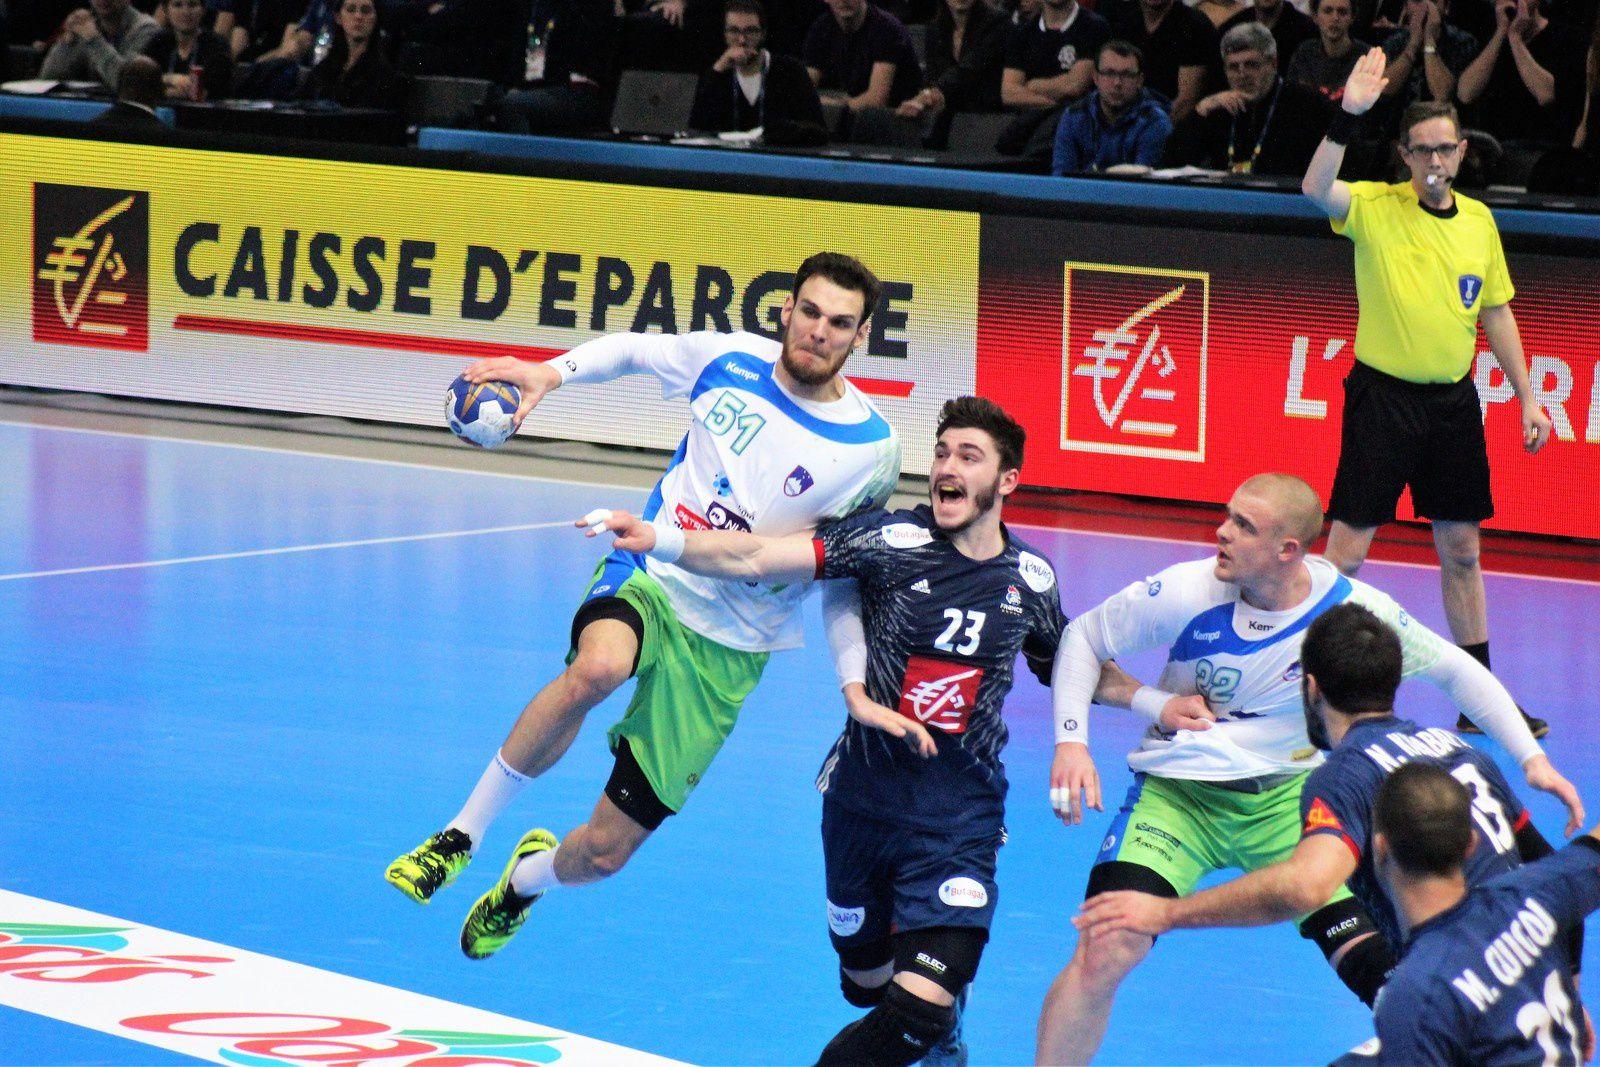 France vs Slovénie (1/2 Finale Championnat du Monde 2017) 26.01.2017 (1/2)